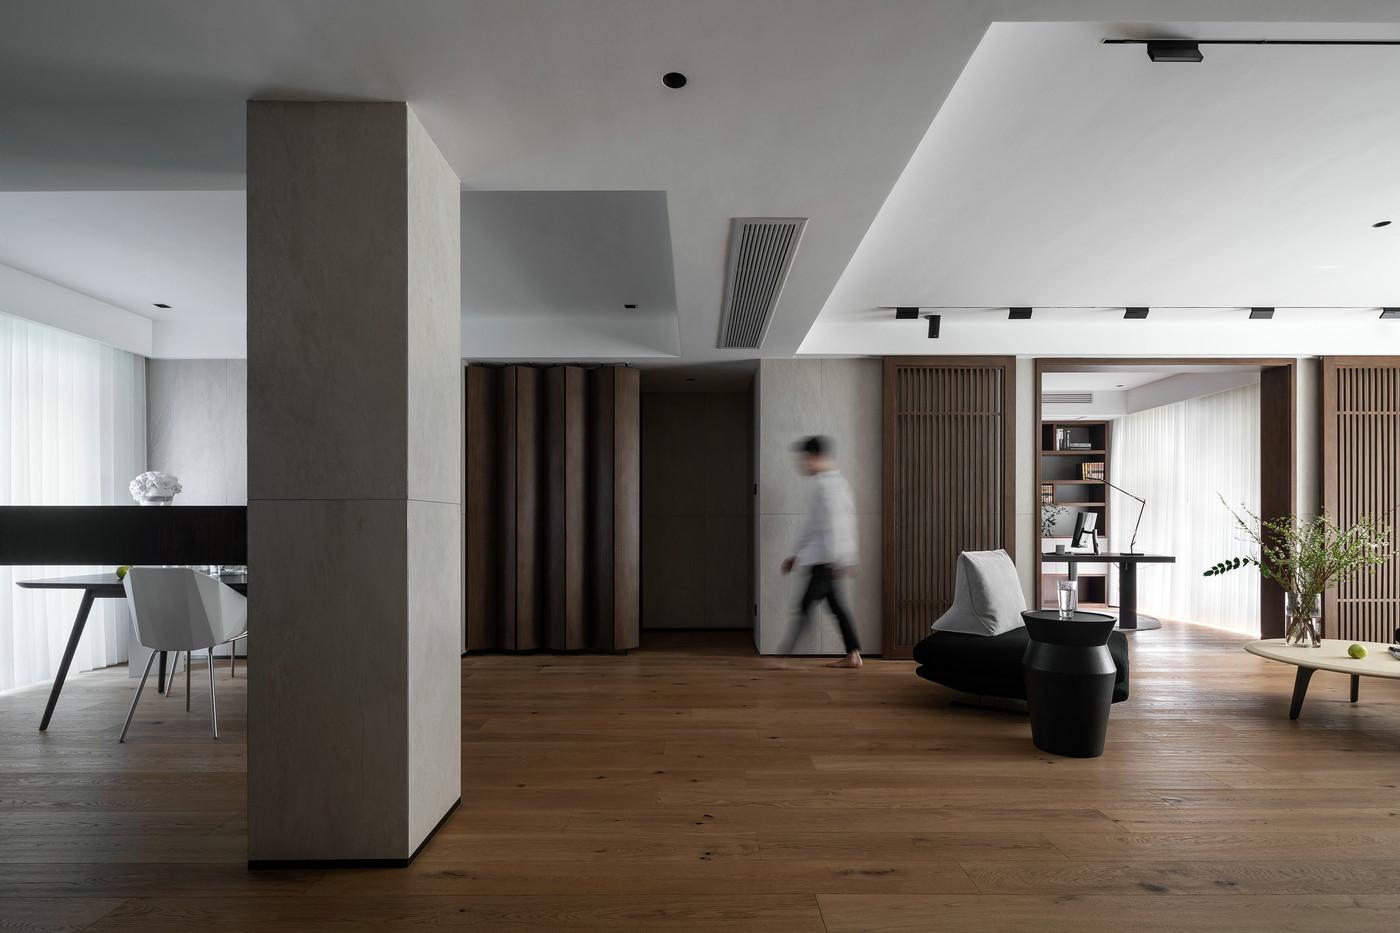 客厅与餐厅保持一定距离,通过距离更好的分割不同功能的空间 以强调家居空间的界限感。